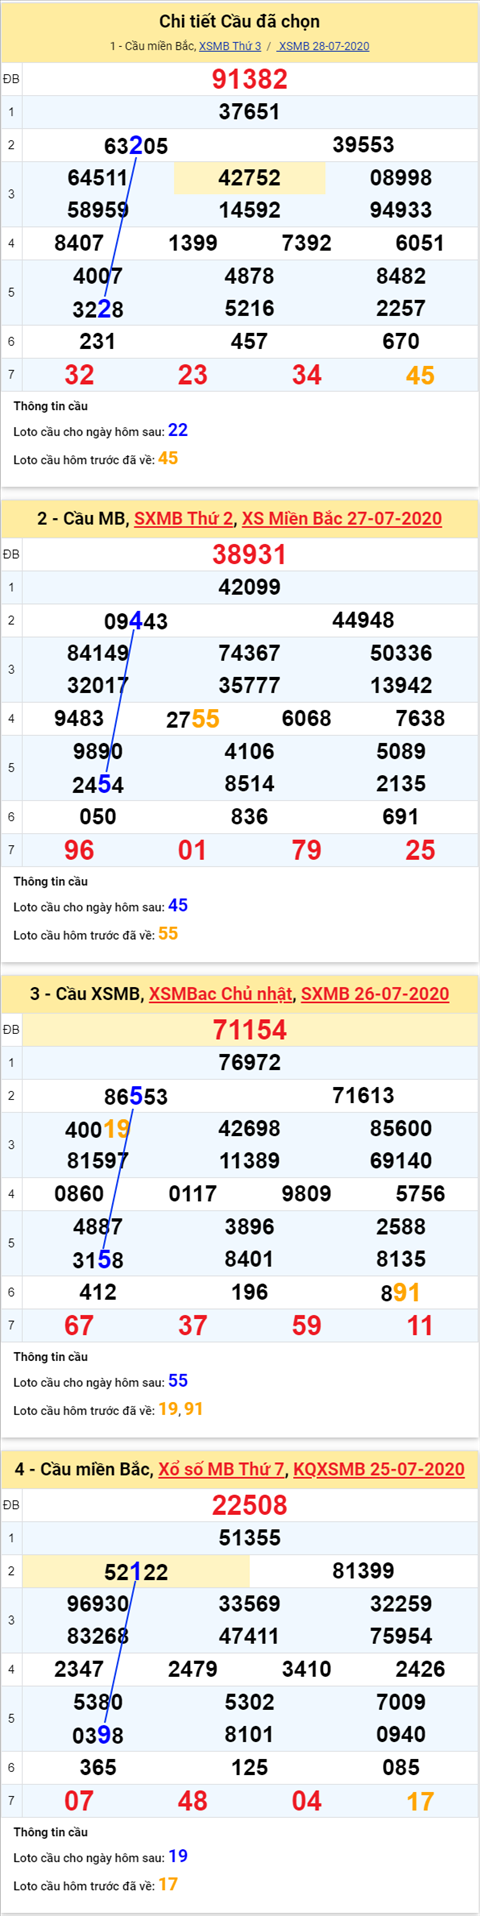 Thong ke XSMB 29072020 - Phan tich xo so Mien Bac 29-07 thu 4 hinh anh 2